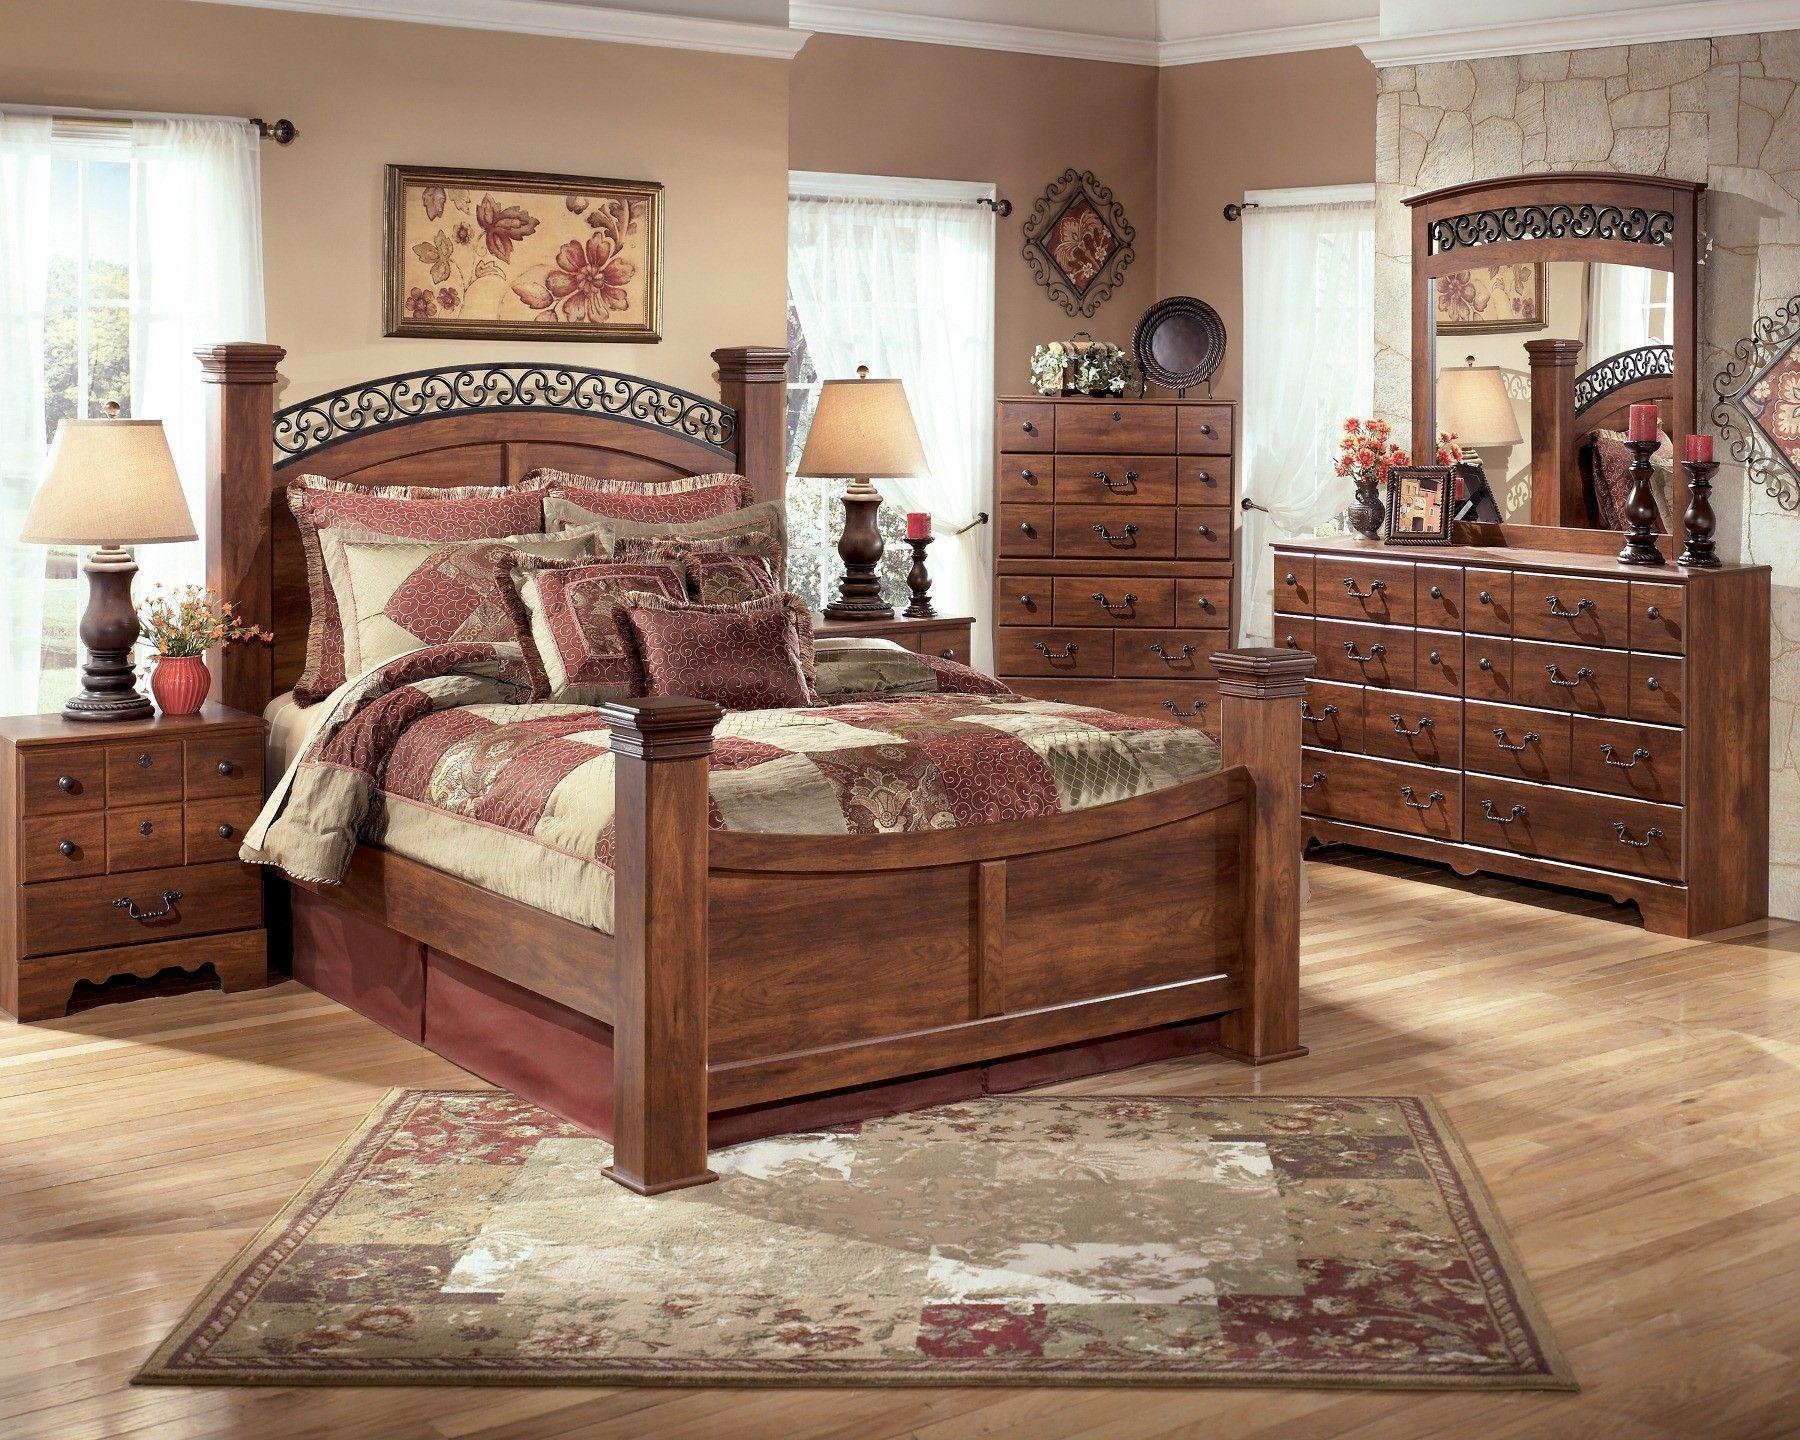 Timberline bedroom set casas pinterest bedroom bedroom sets